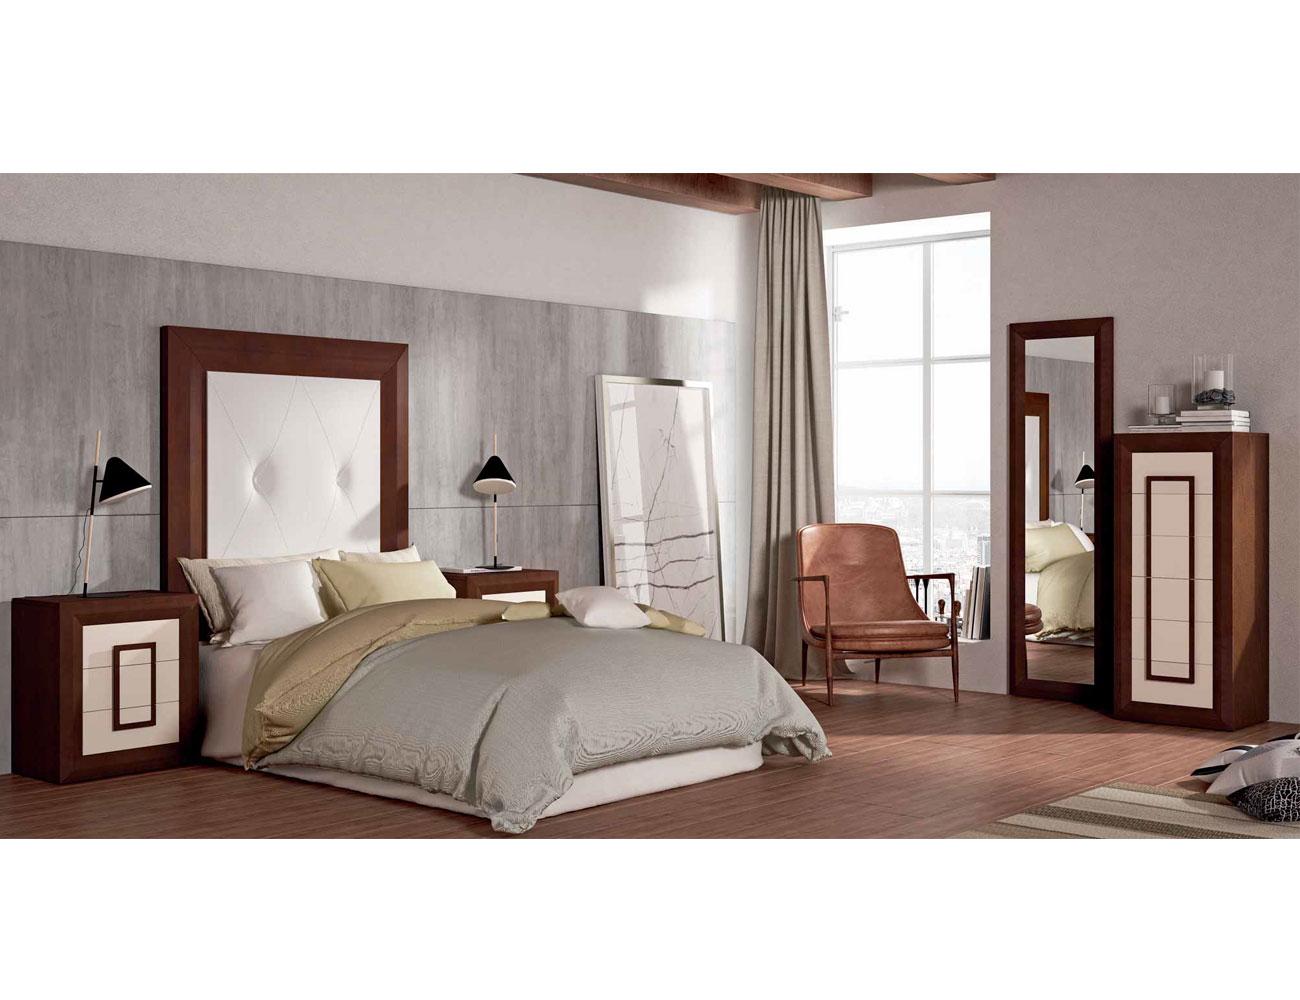 Dormitorio matrimonio cabecero tapizado sinfonier nogal